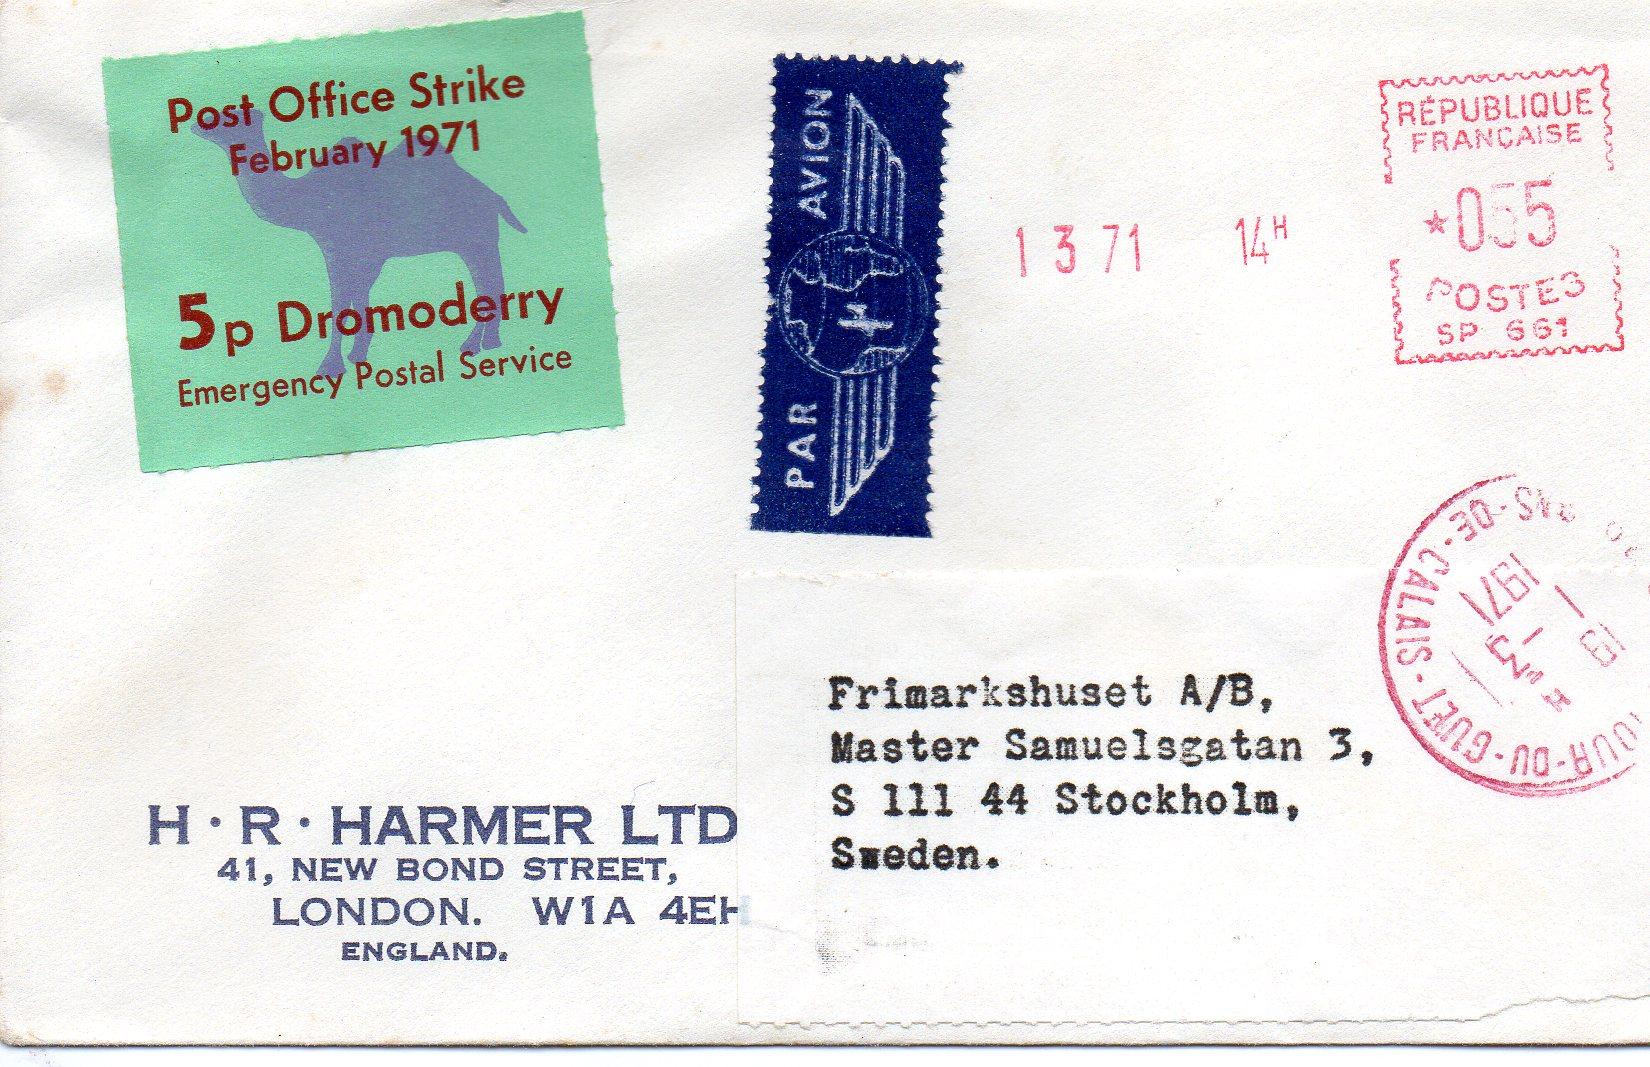 1971 Poststrejken